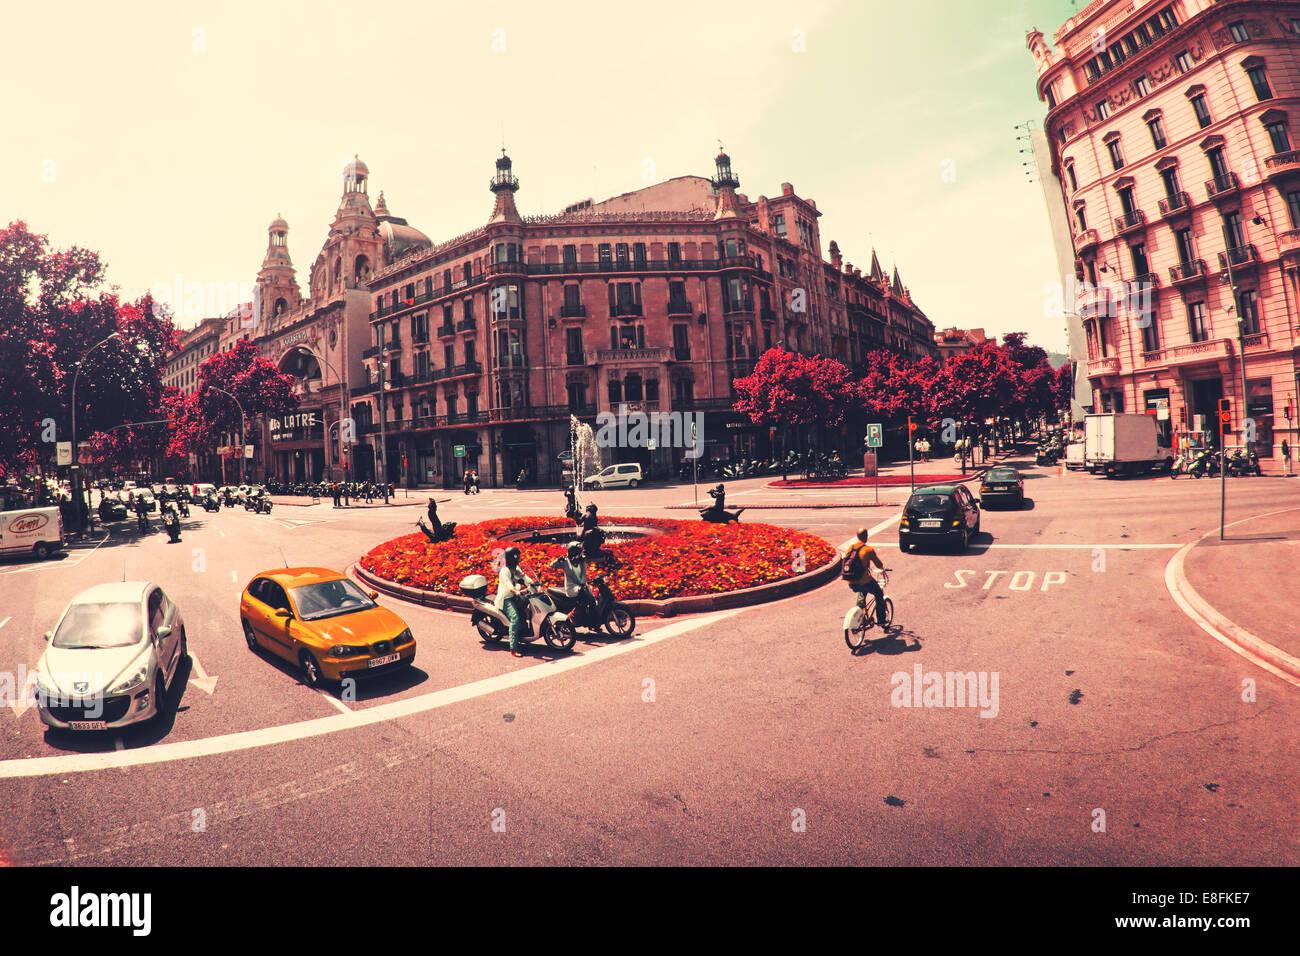 Spagna, Barcellona, scene di strada Immagini Stock